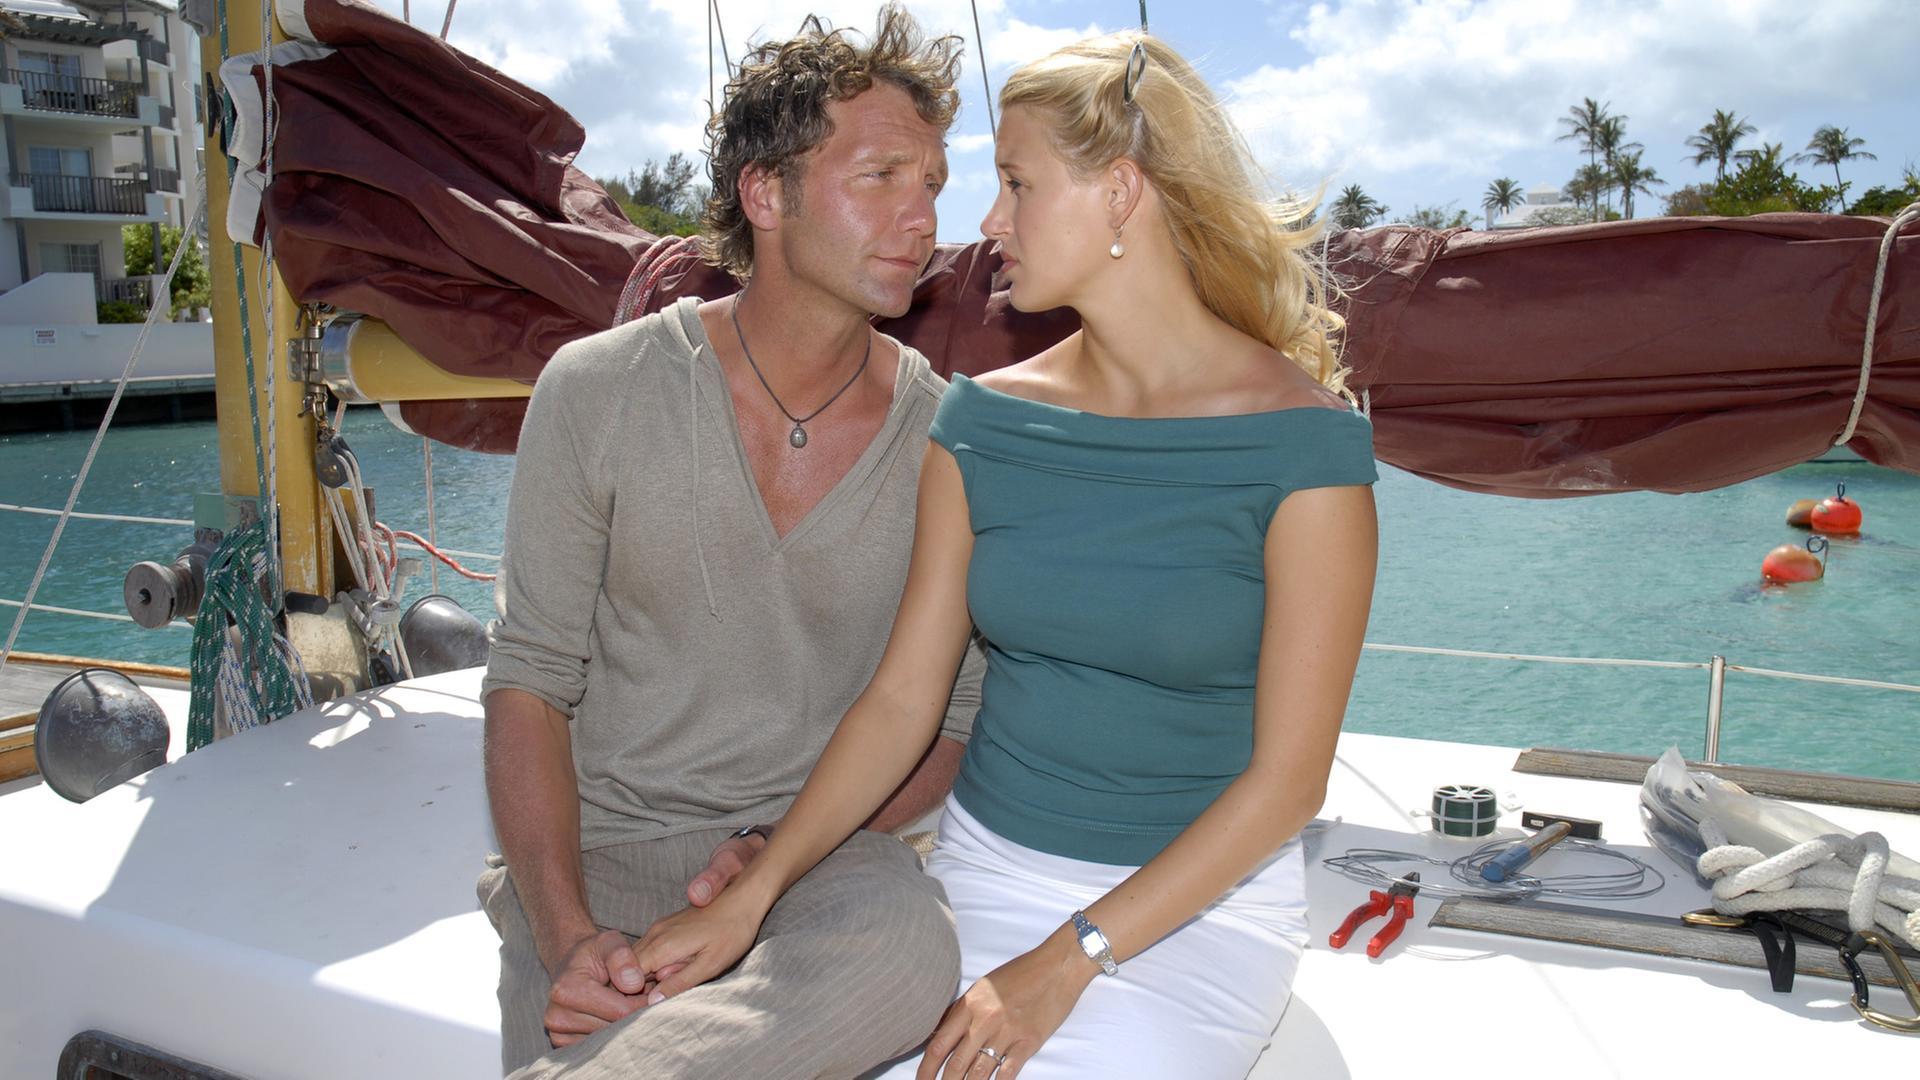 Das traumschiff alle folgen online dating